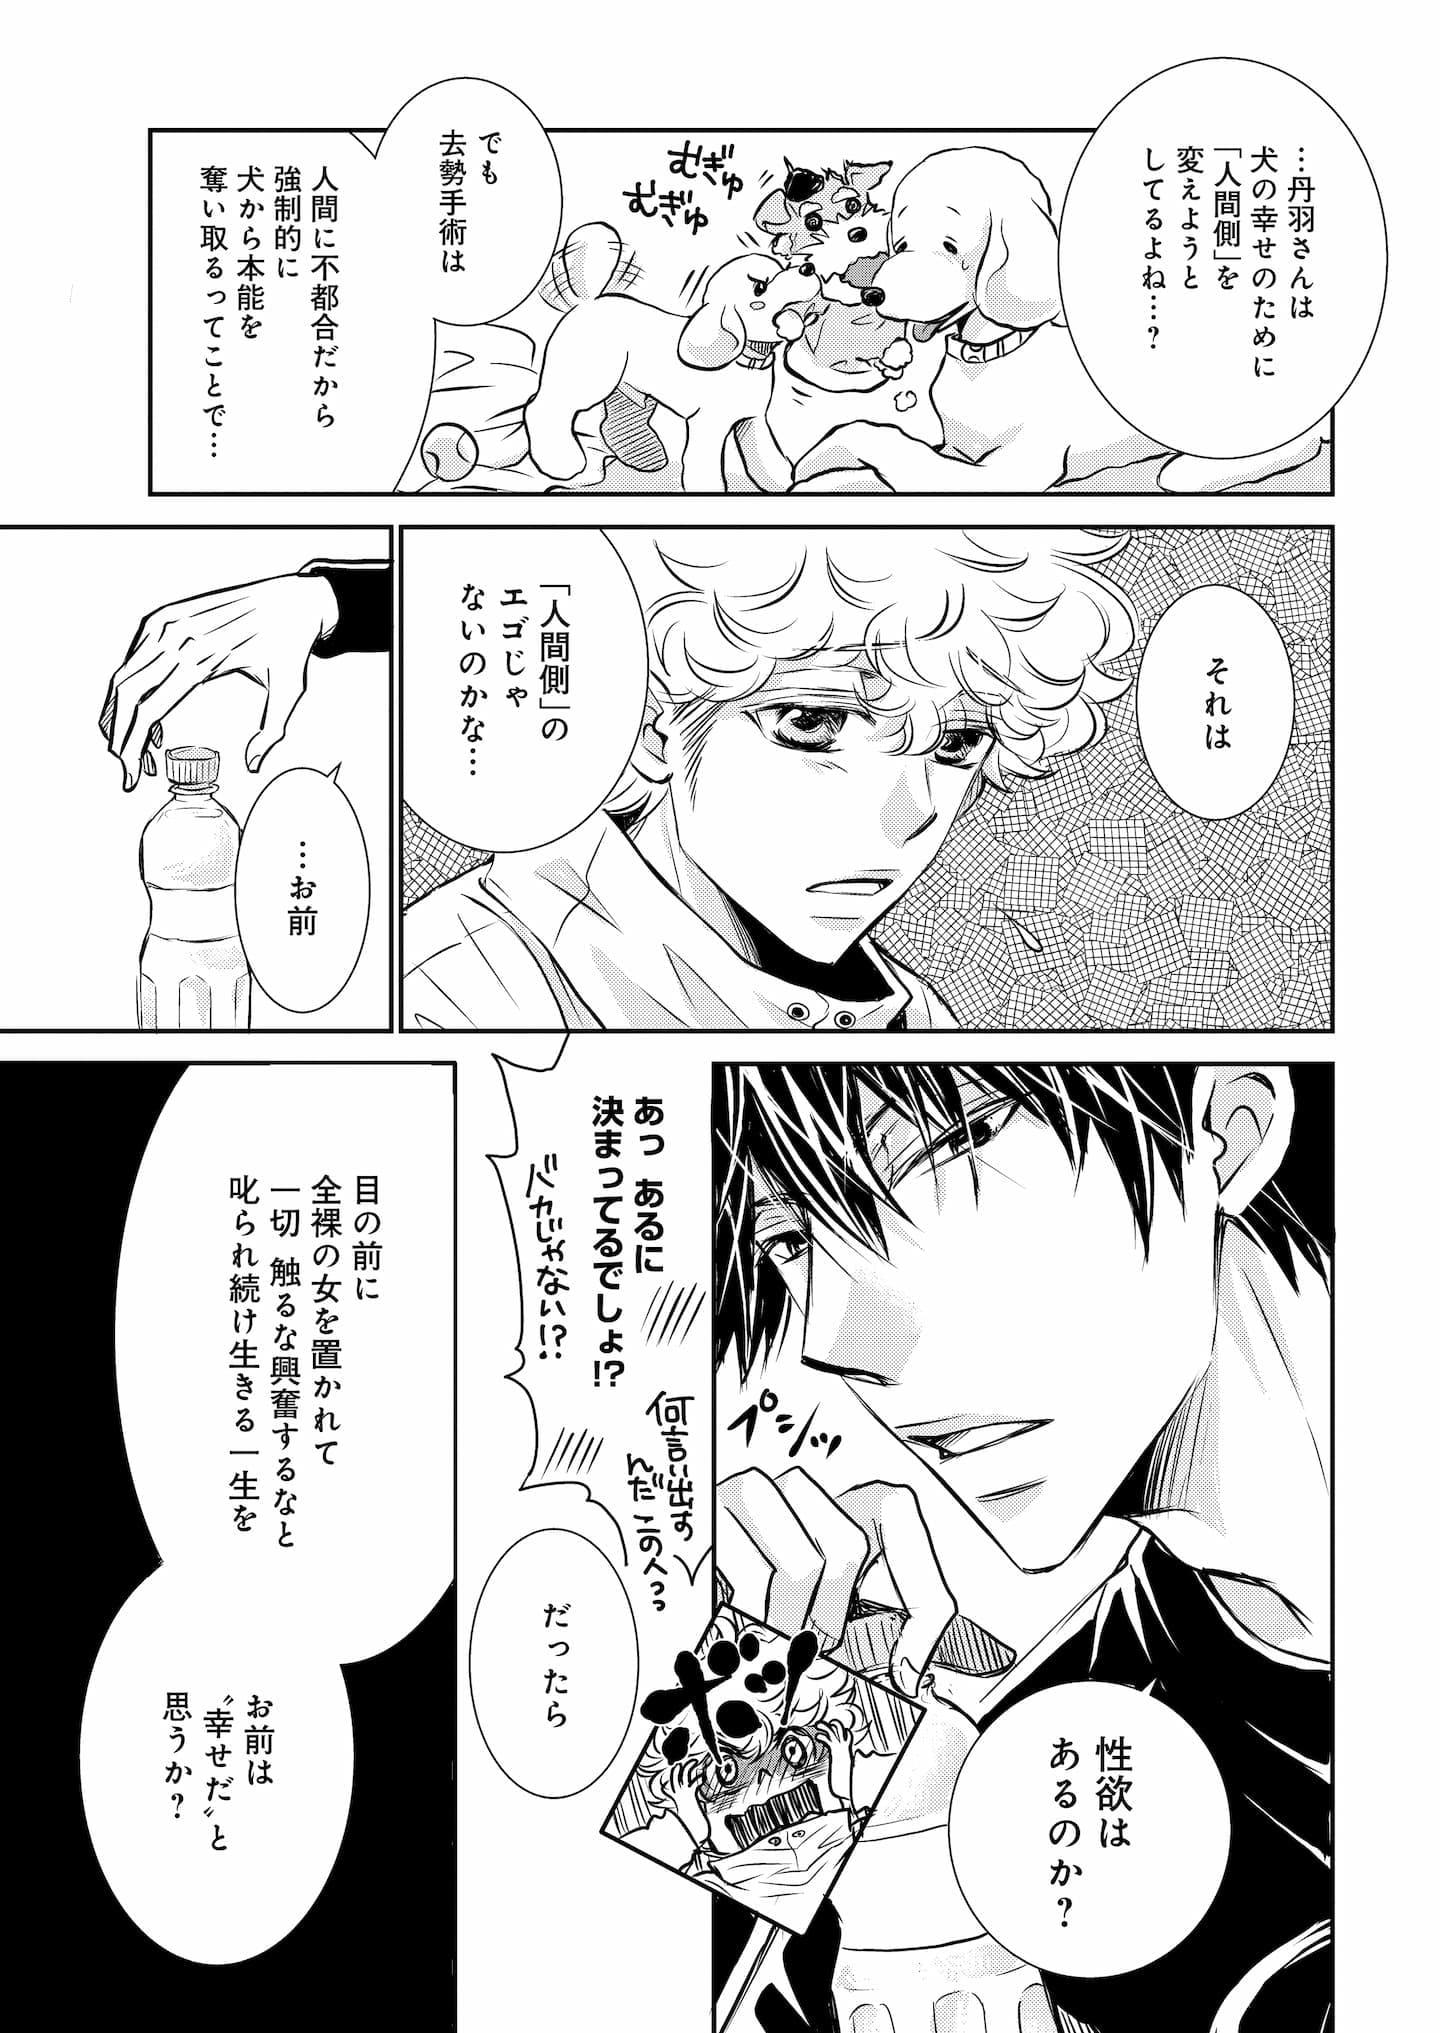 『DOG SIGNAL』6話目① 11ページ目